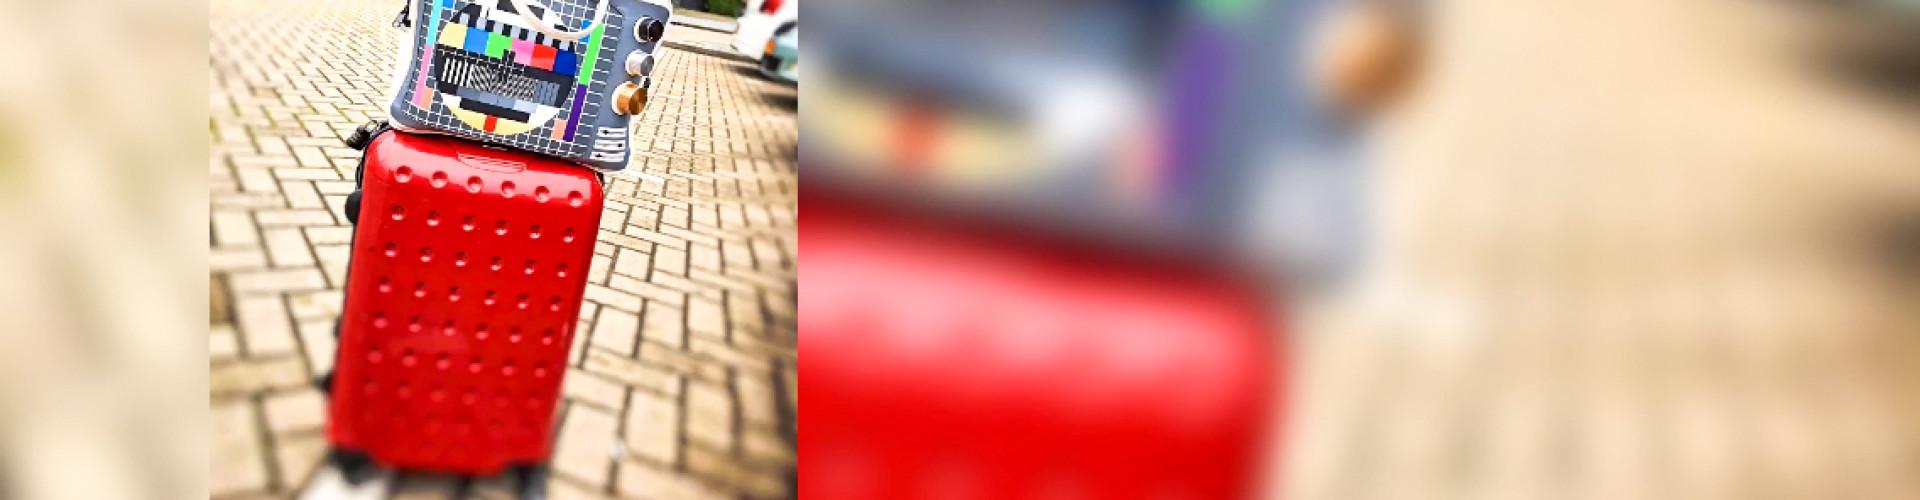 Rode Koffer Selfiestick